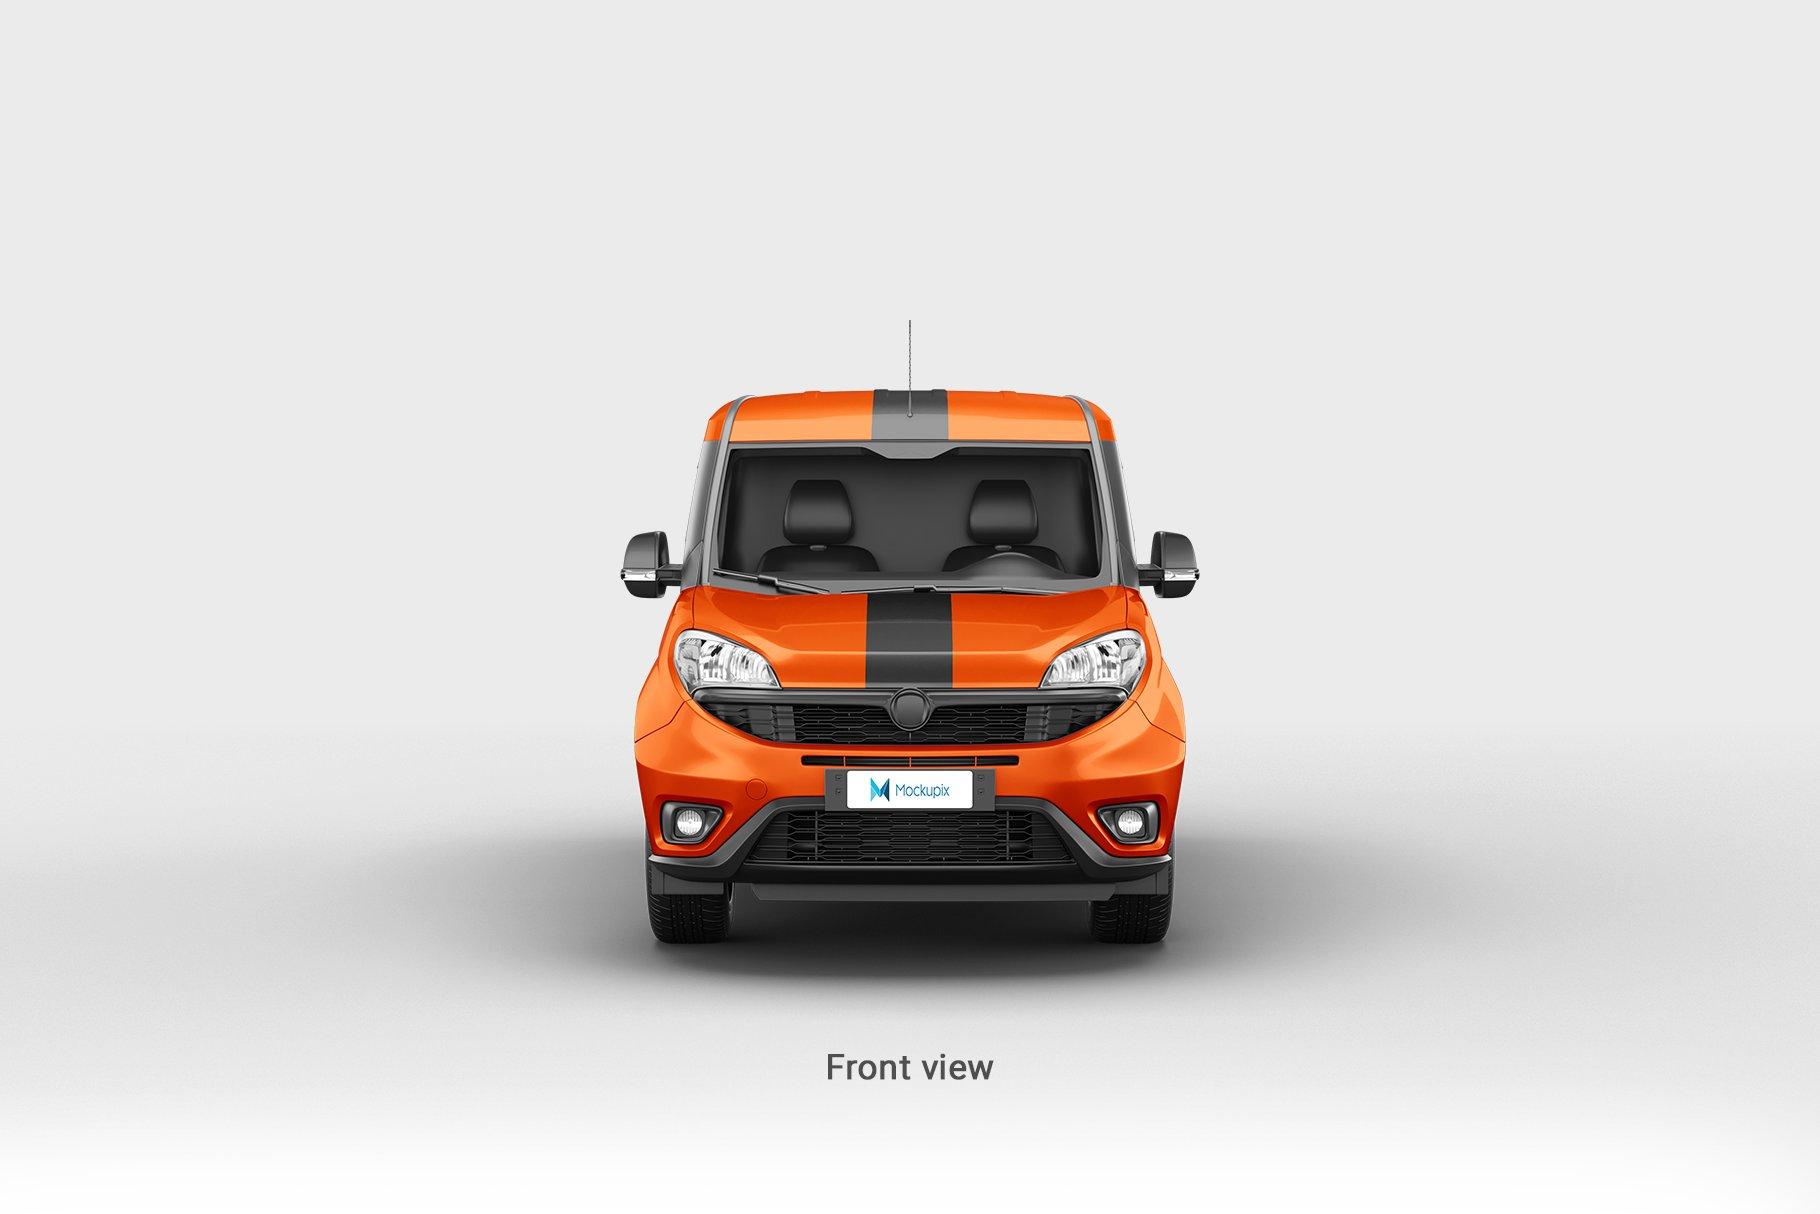 6款面包车小货车车身广告设计展示样机 Delivery Car Mockup 3插图(5)